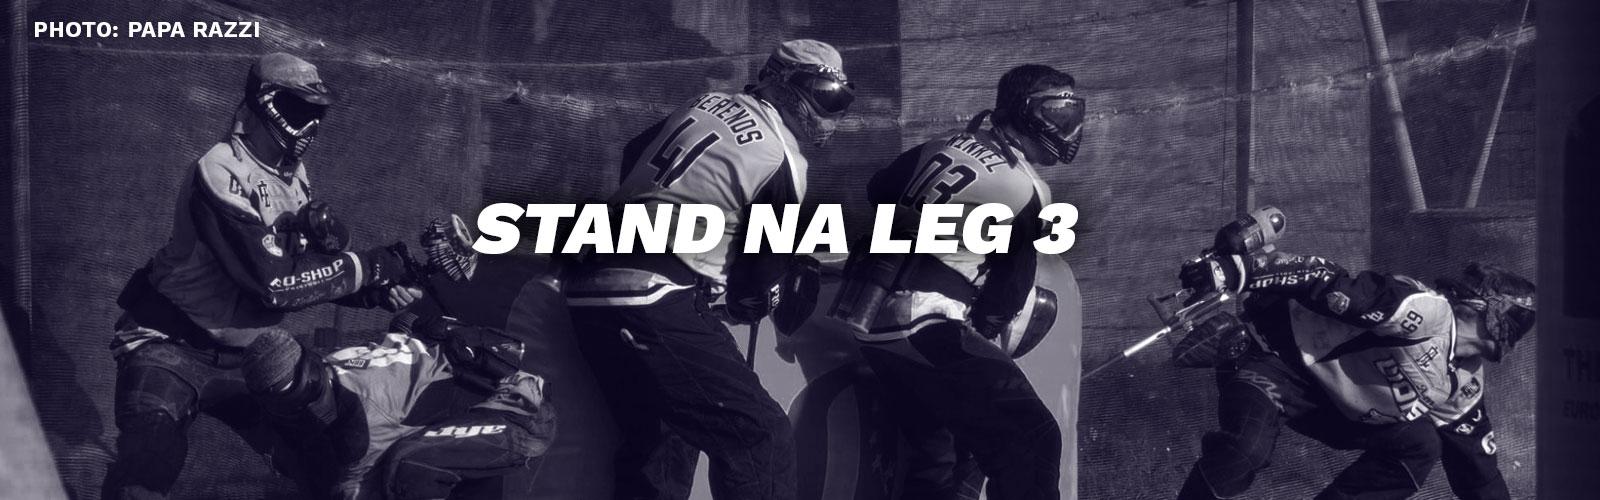 Stand Na Leg 3